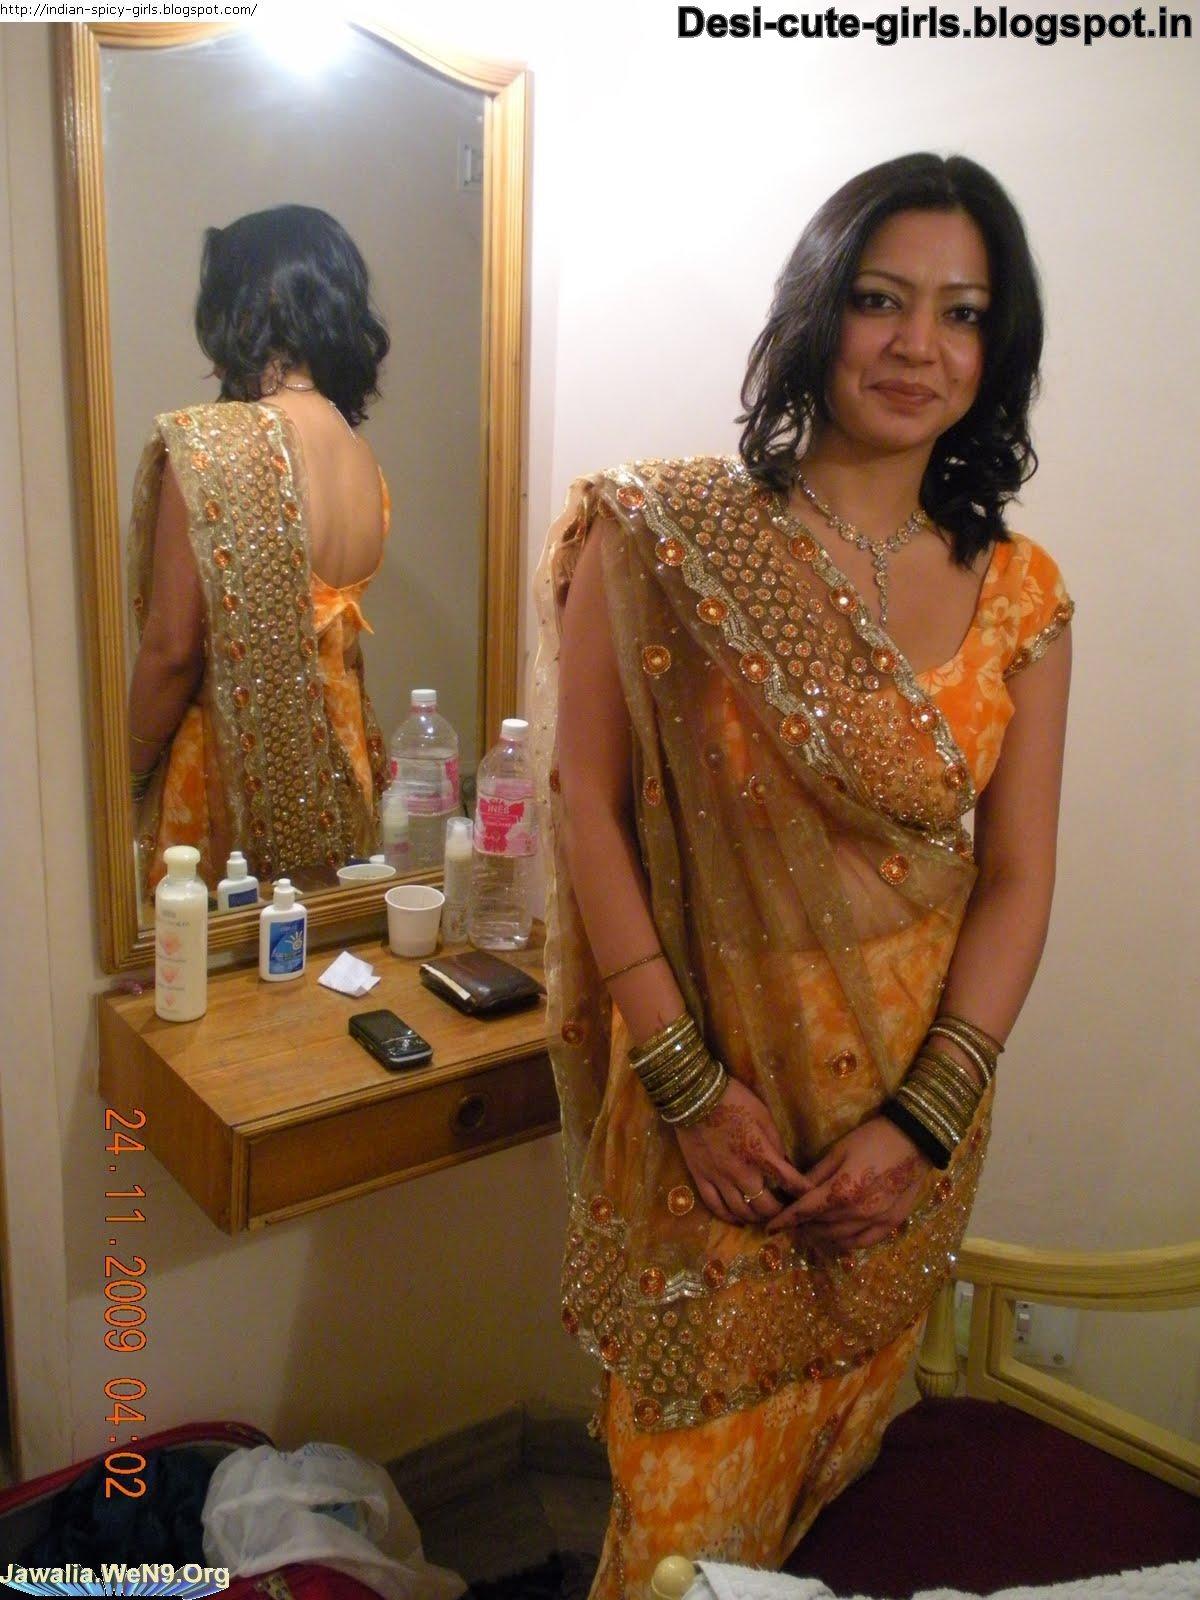 http://1.bp.blogspot.com/-y5N6aAXnz1k/T30wGRhxw_I/AAAAAAAAAN4/Hwx3ucOTTKI/s1600/x(Desi-cute-girls.blogspot.in)-(jawalia.Wen9.Org).jpg